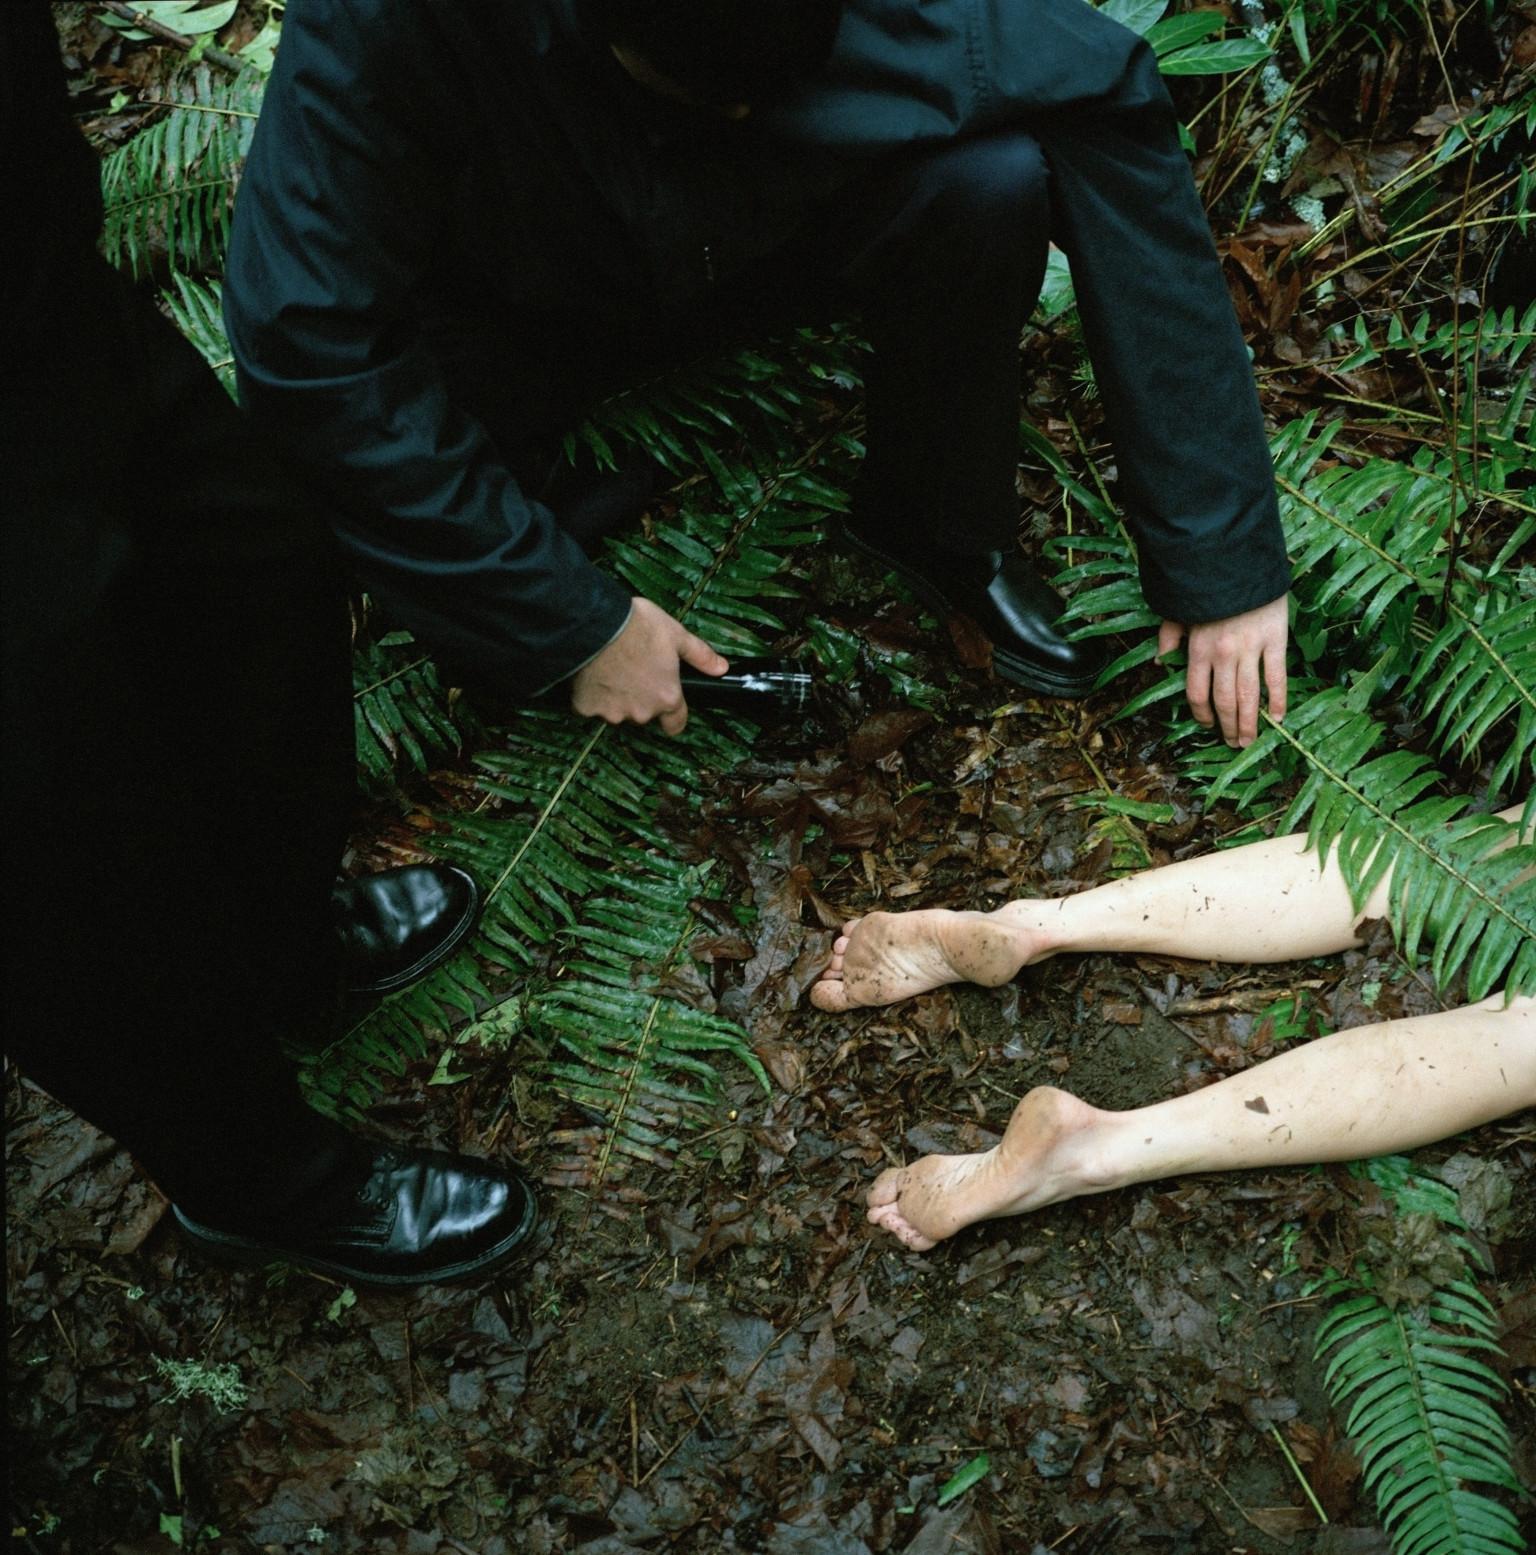 Crime Scene Photos Of Murdered Girls 3 Dead Bodies Found In...